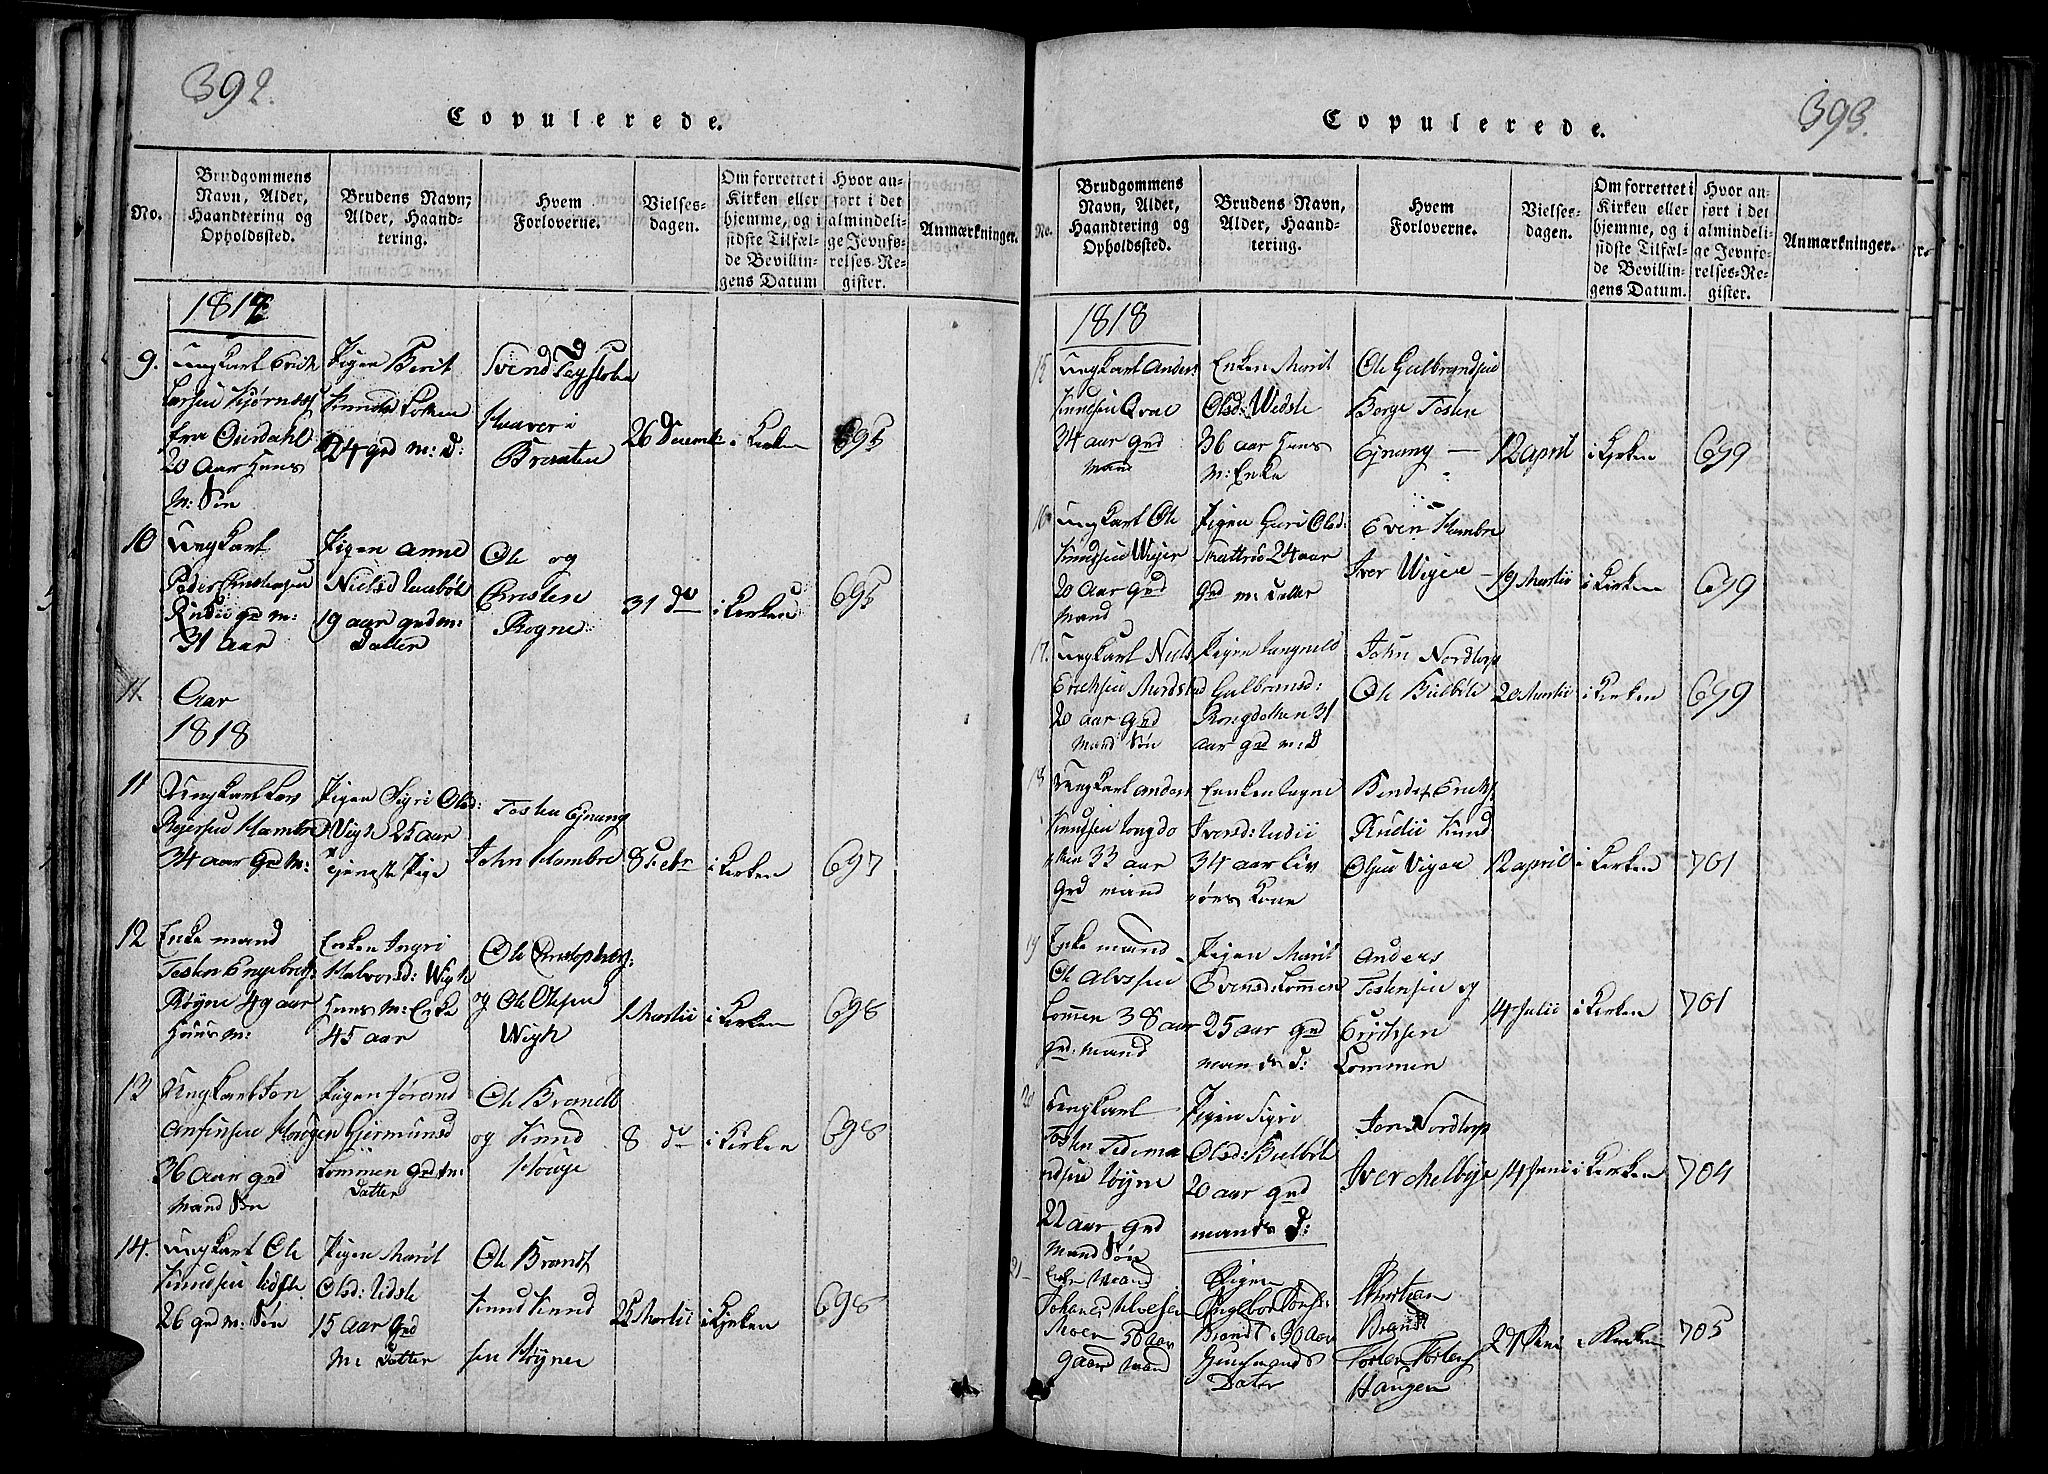 SAH, Slidre prestekontor, Ministerialbok nr. 2, 1814-1830, s. 392-393